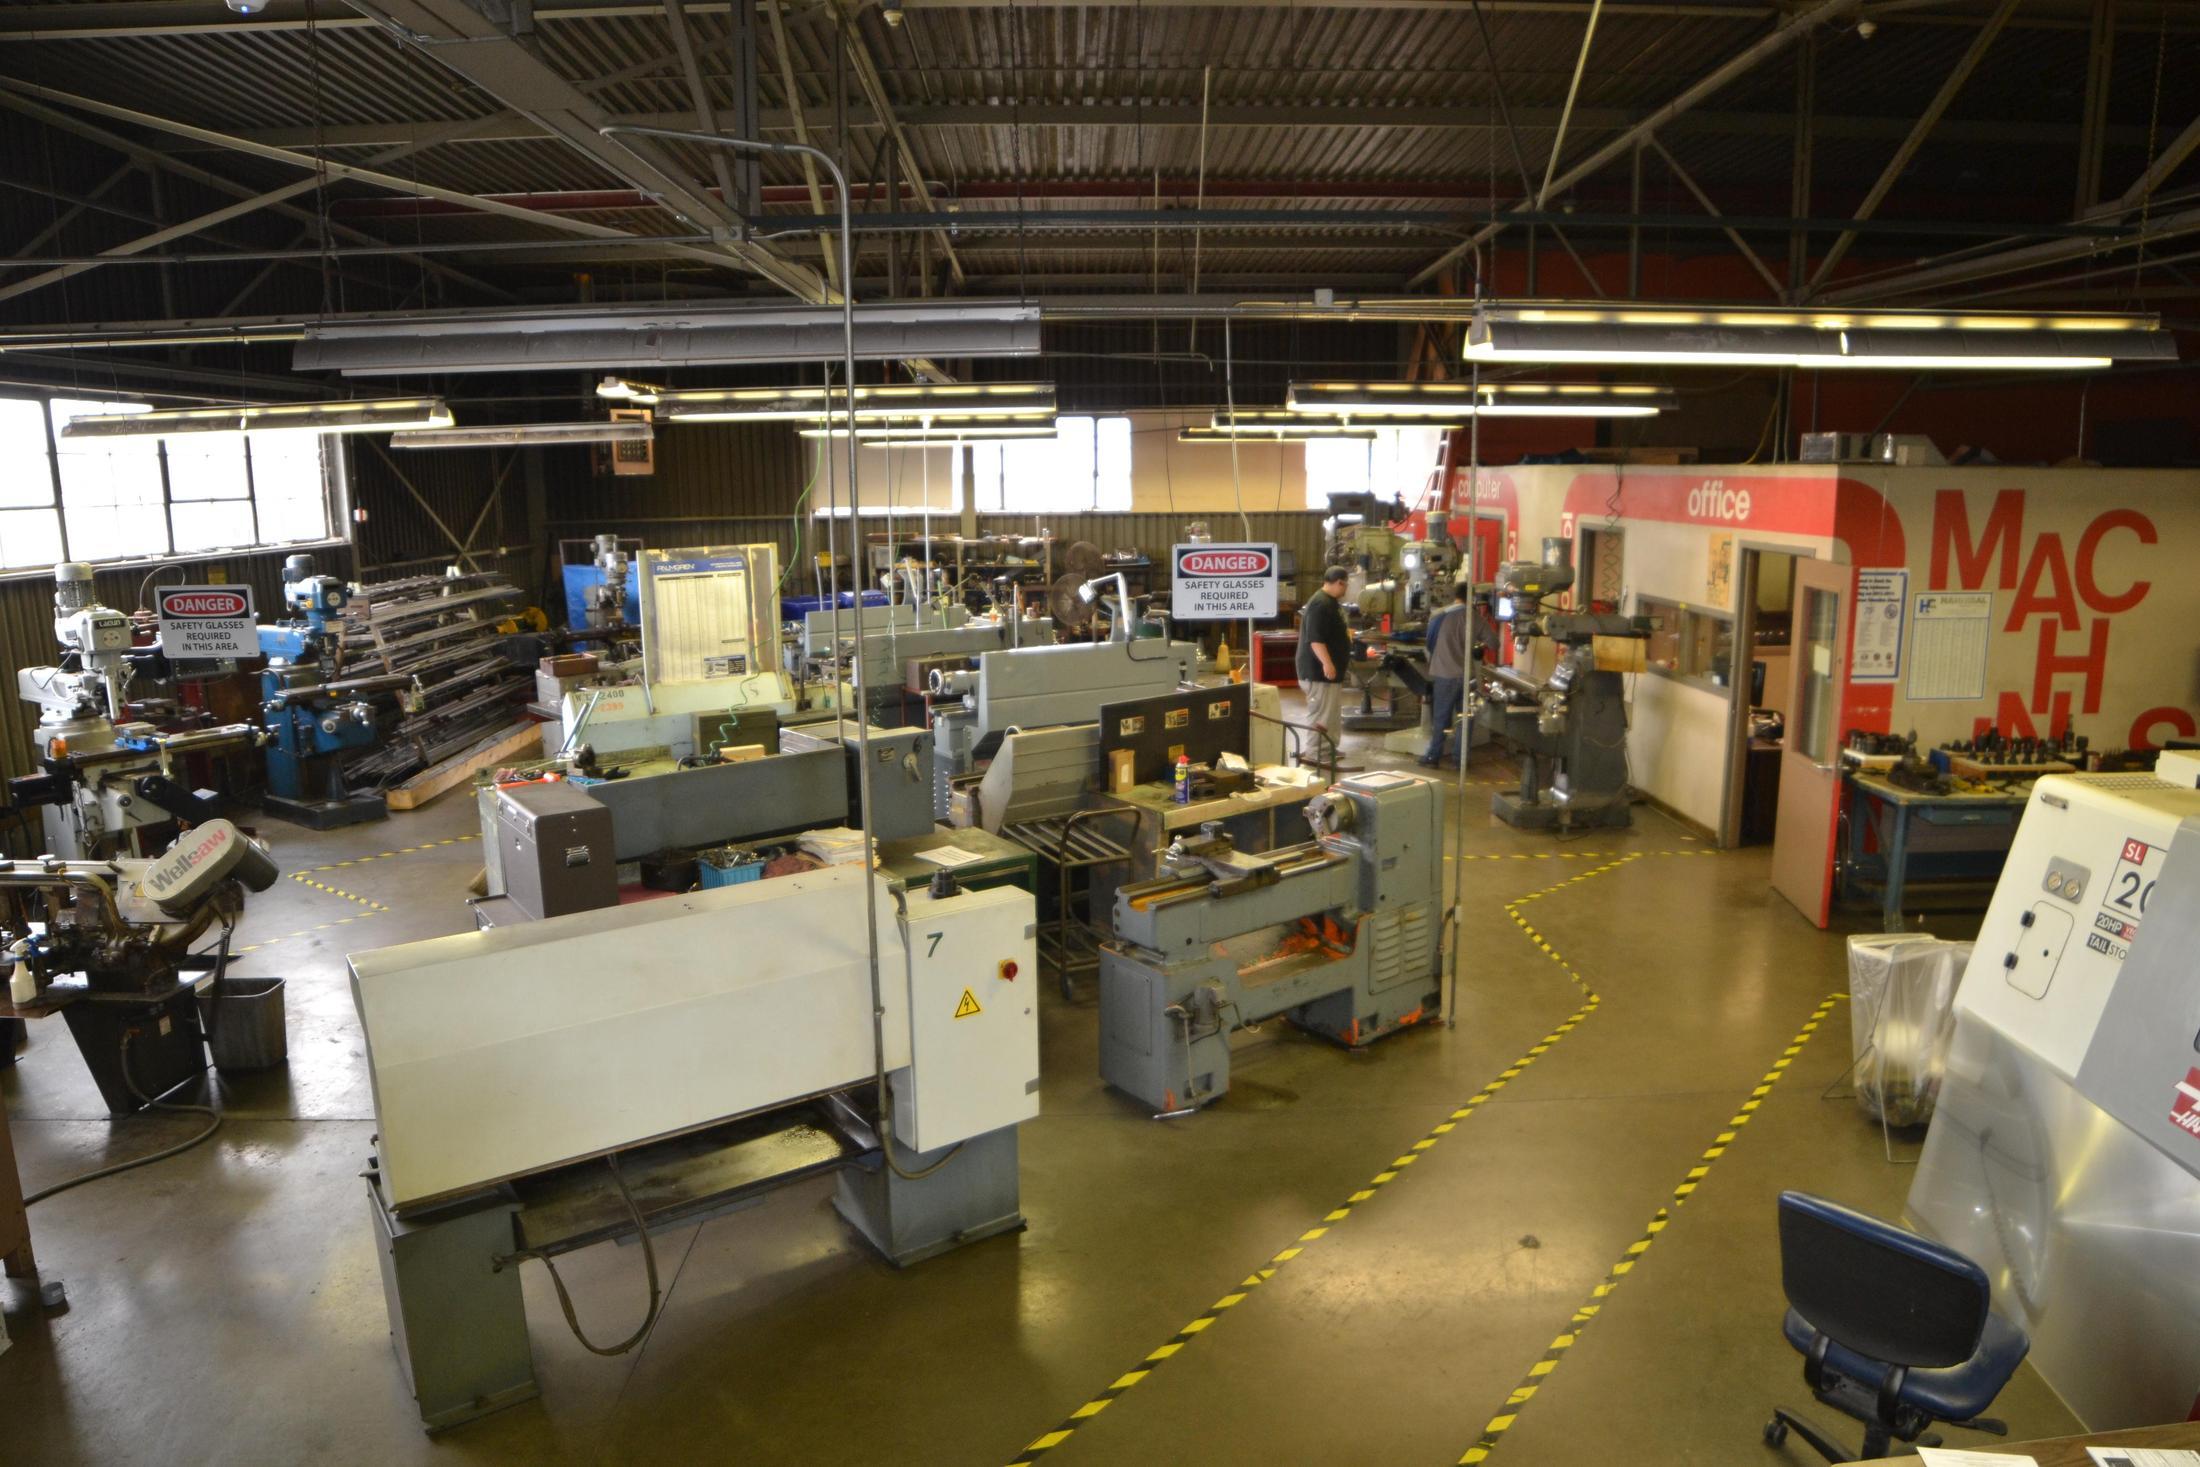 Machinist CNC/MasterCAM Training - CTE Programs - Adult